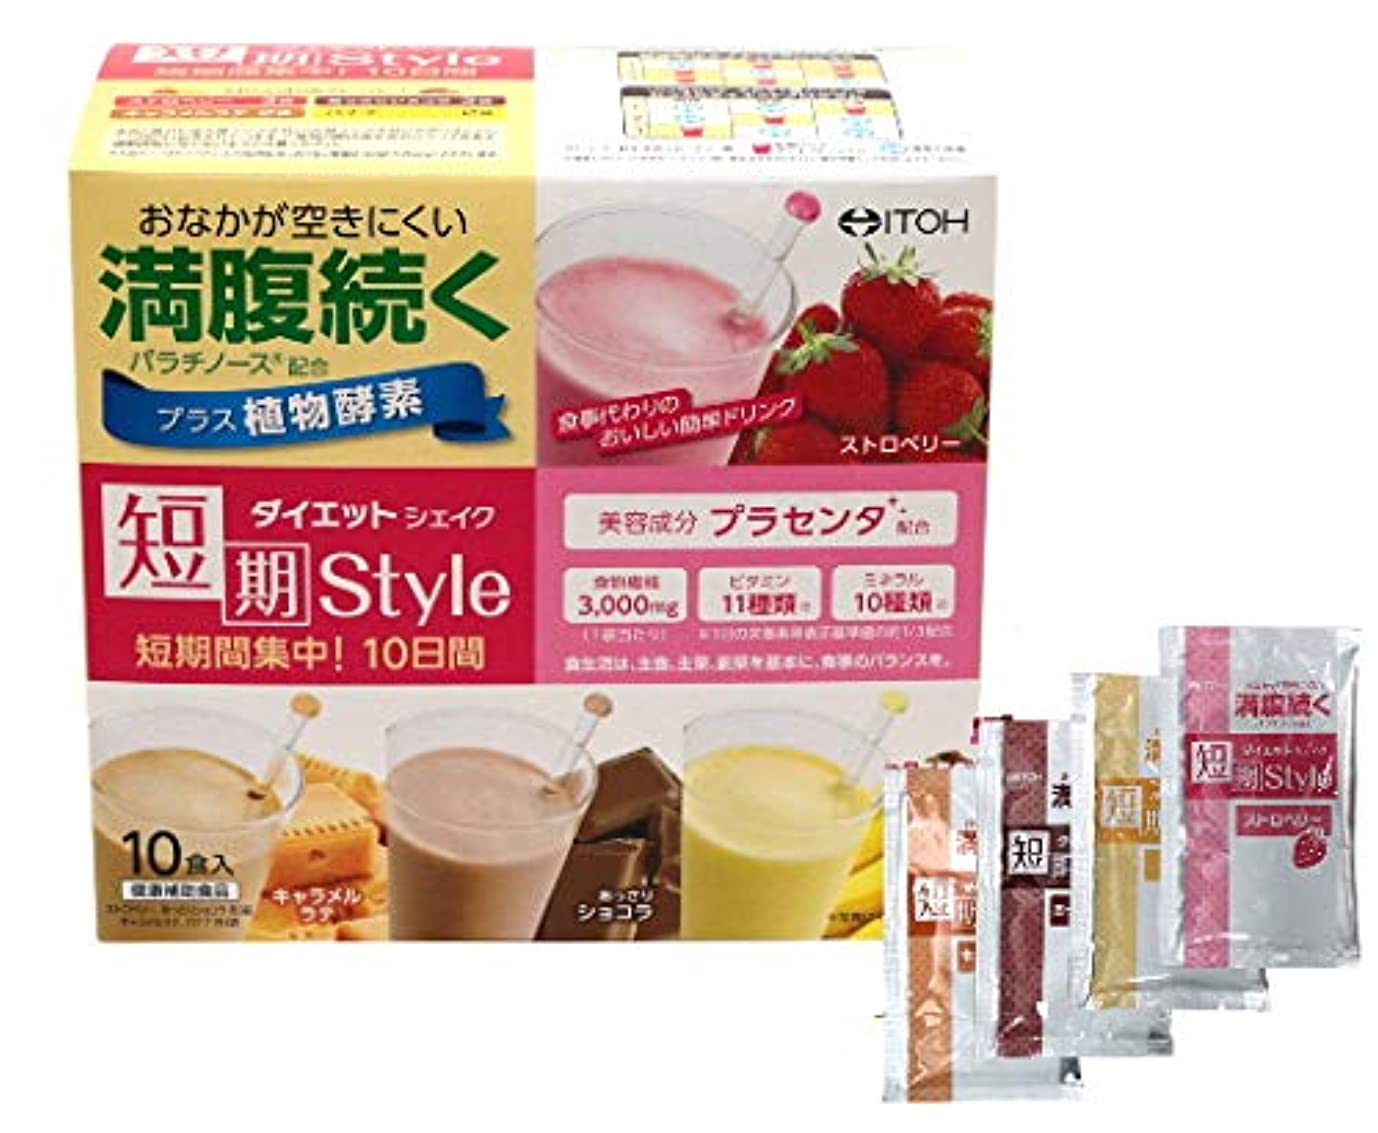 契約大統領小屋井藤漢方 短期スタイル ダイエットシェイク(25g×10袋)2個セット